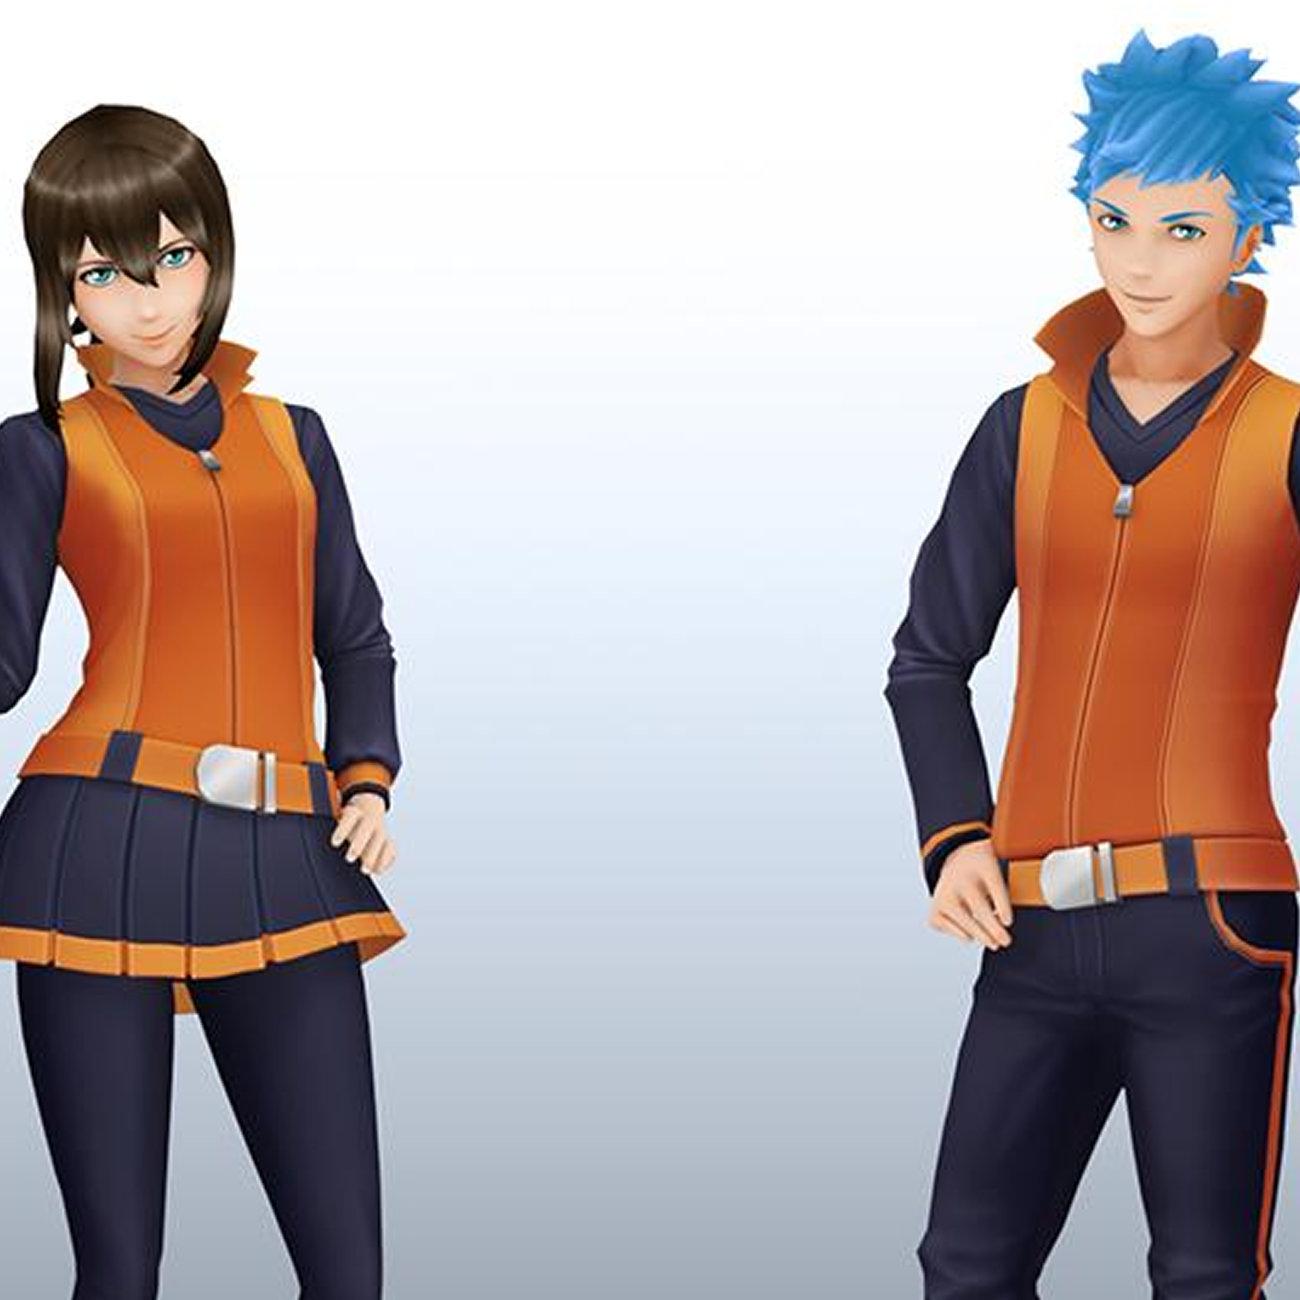 ポケモンGO、イッシュ&カロスのベテラントレーナー衣装